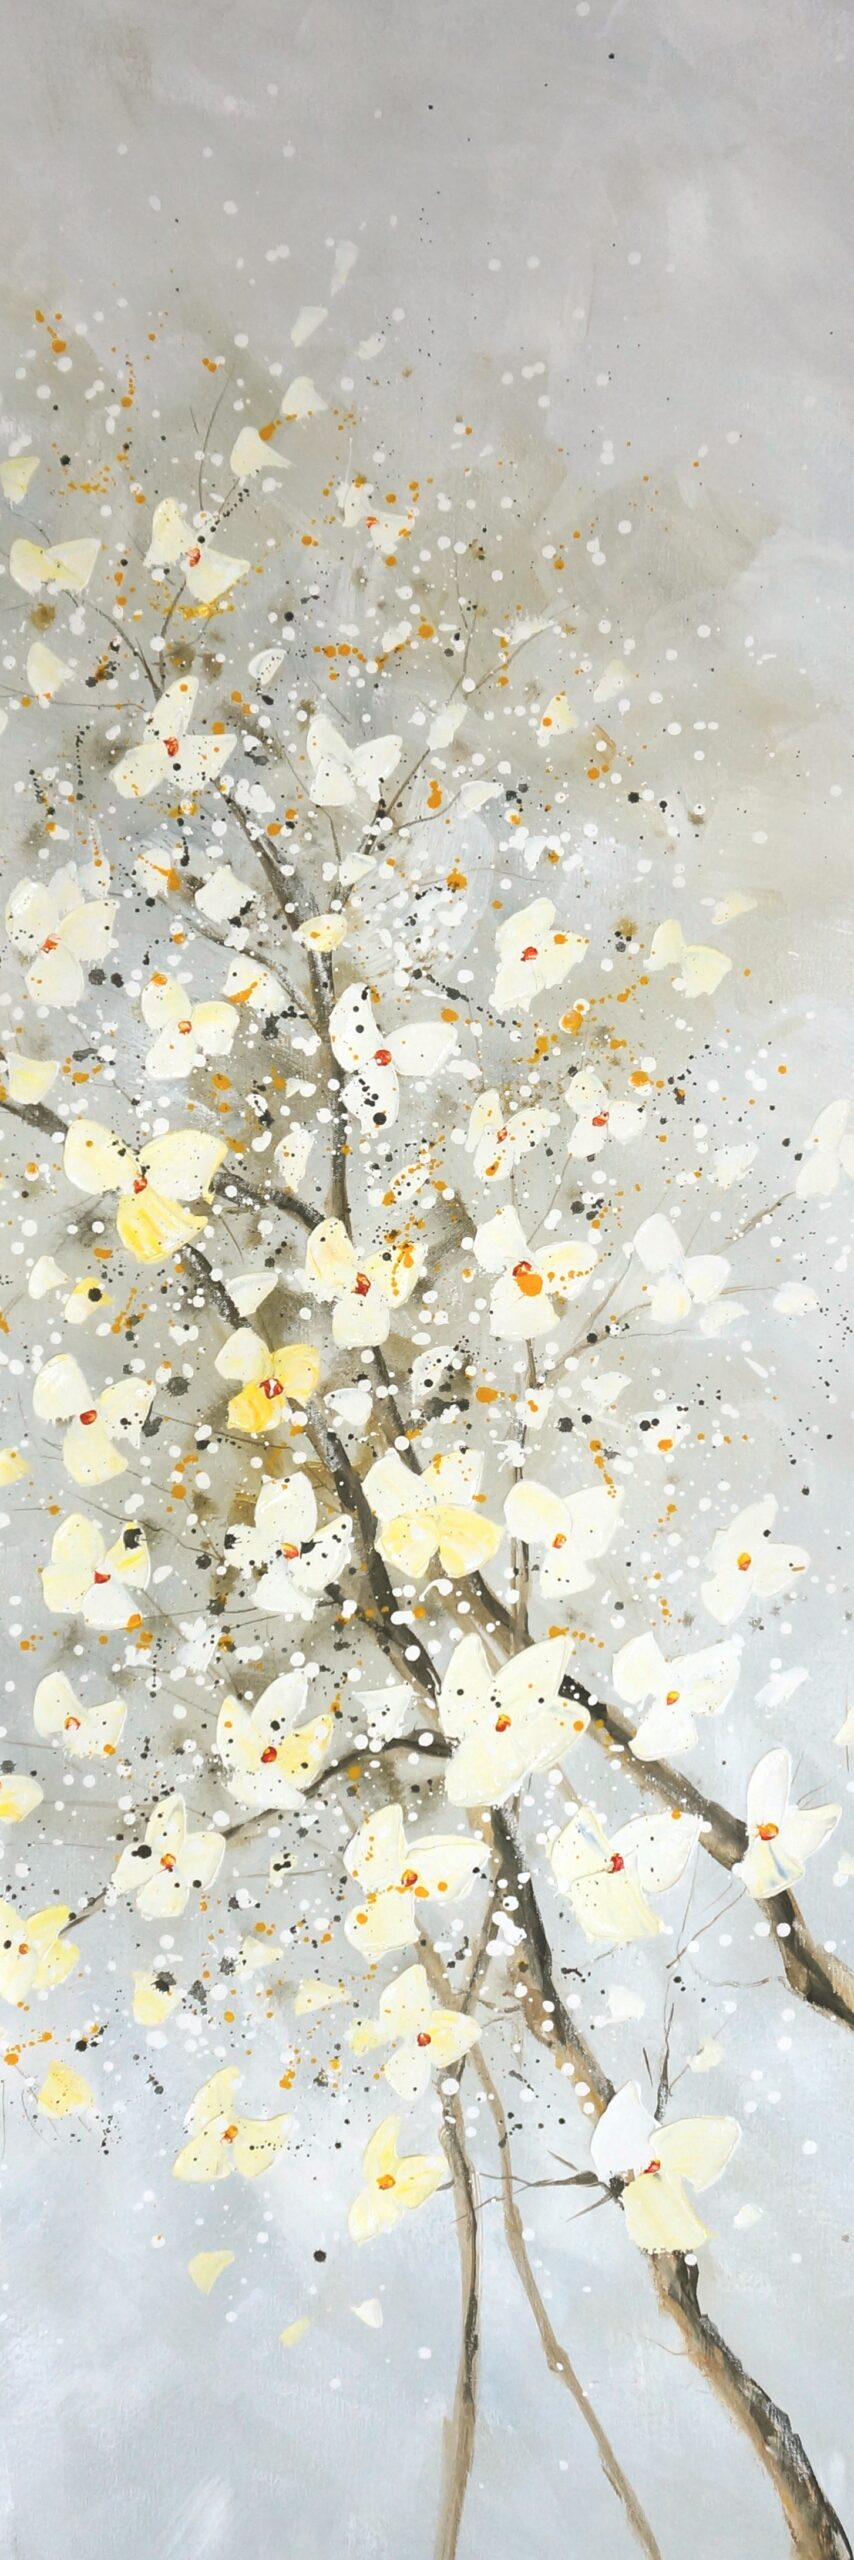 73054 schilderij White blossom kunstwerk